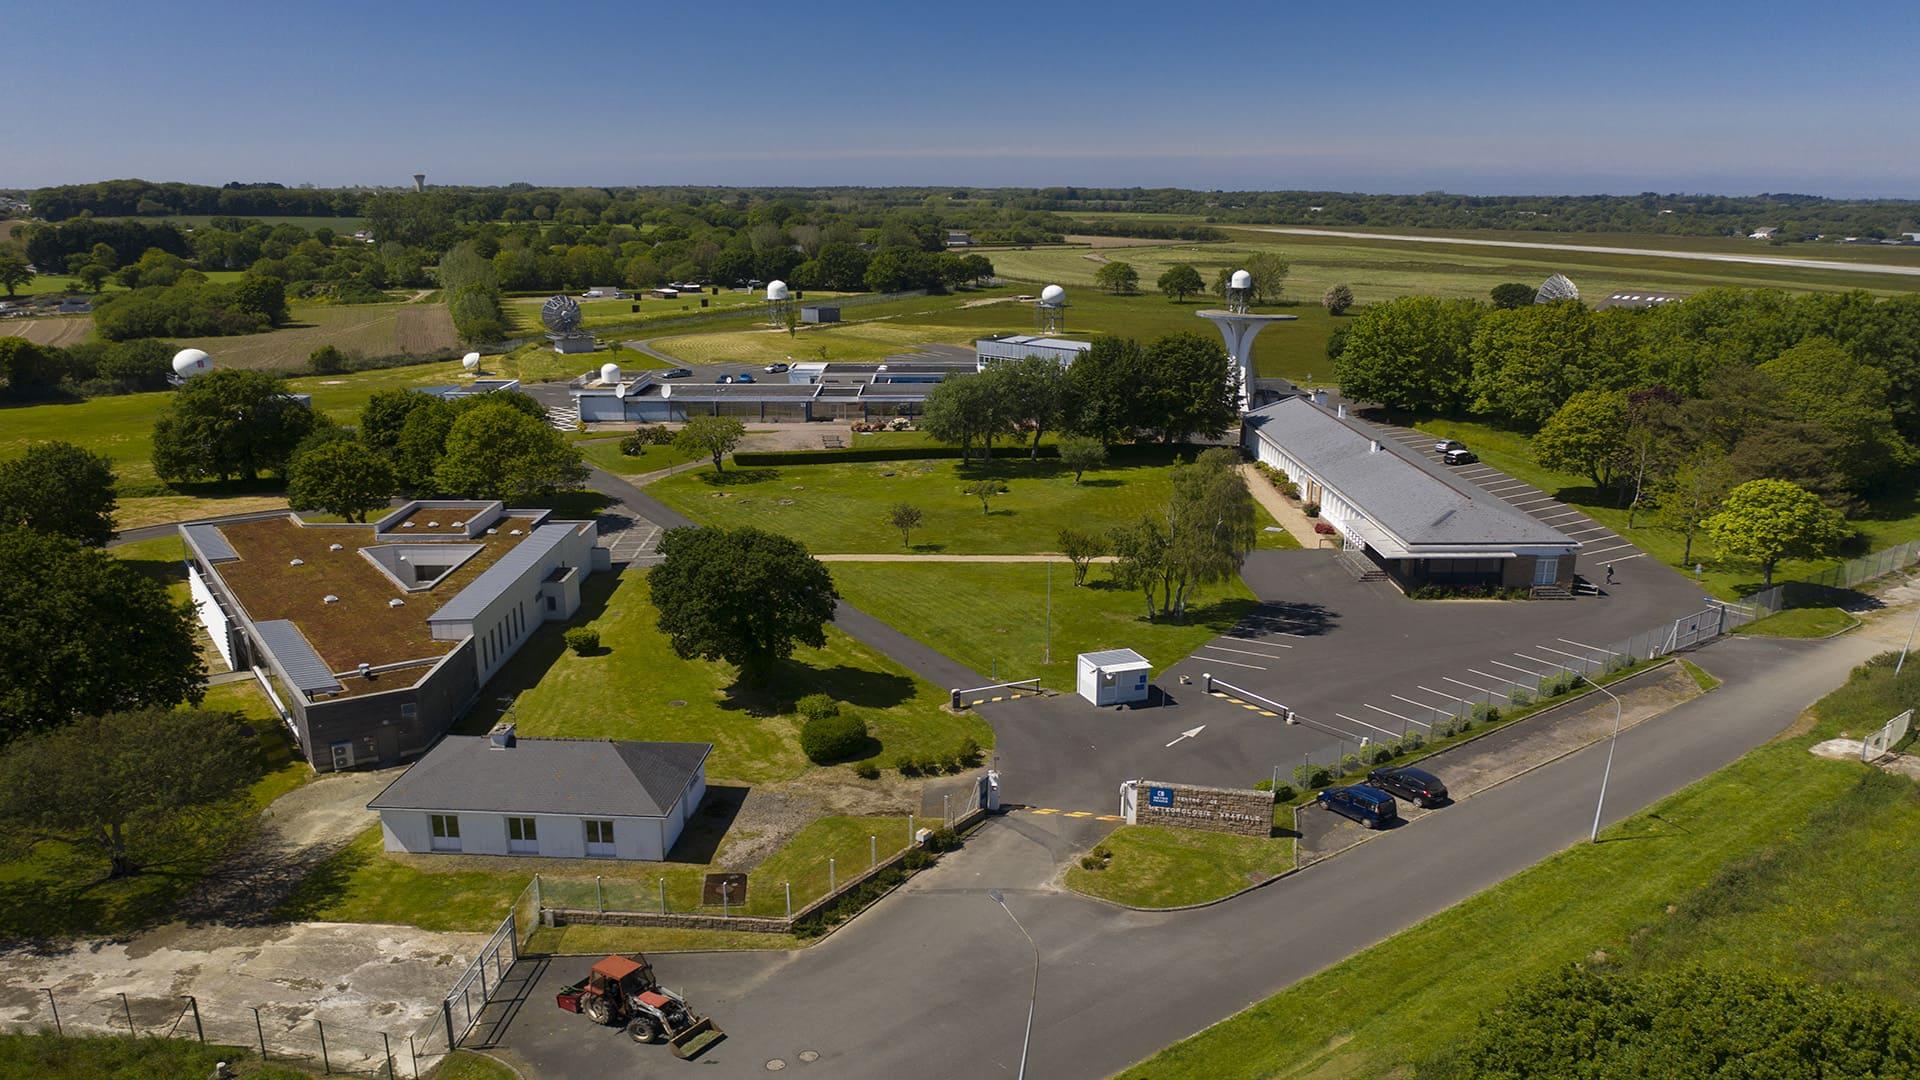 Centre de météorologie spatiale